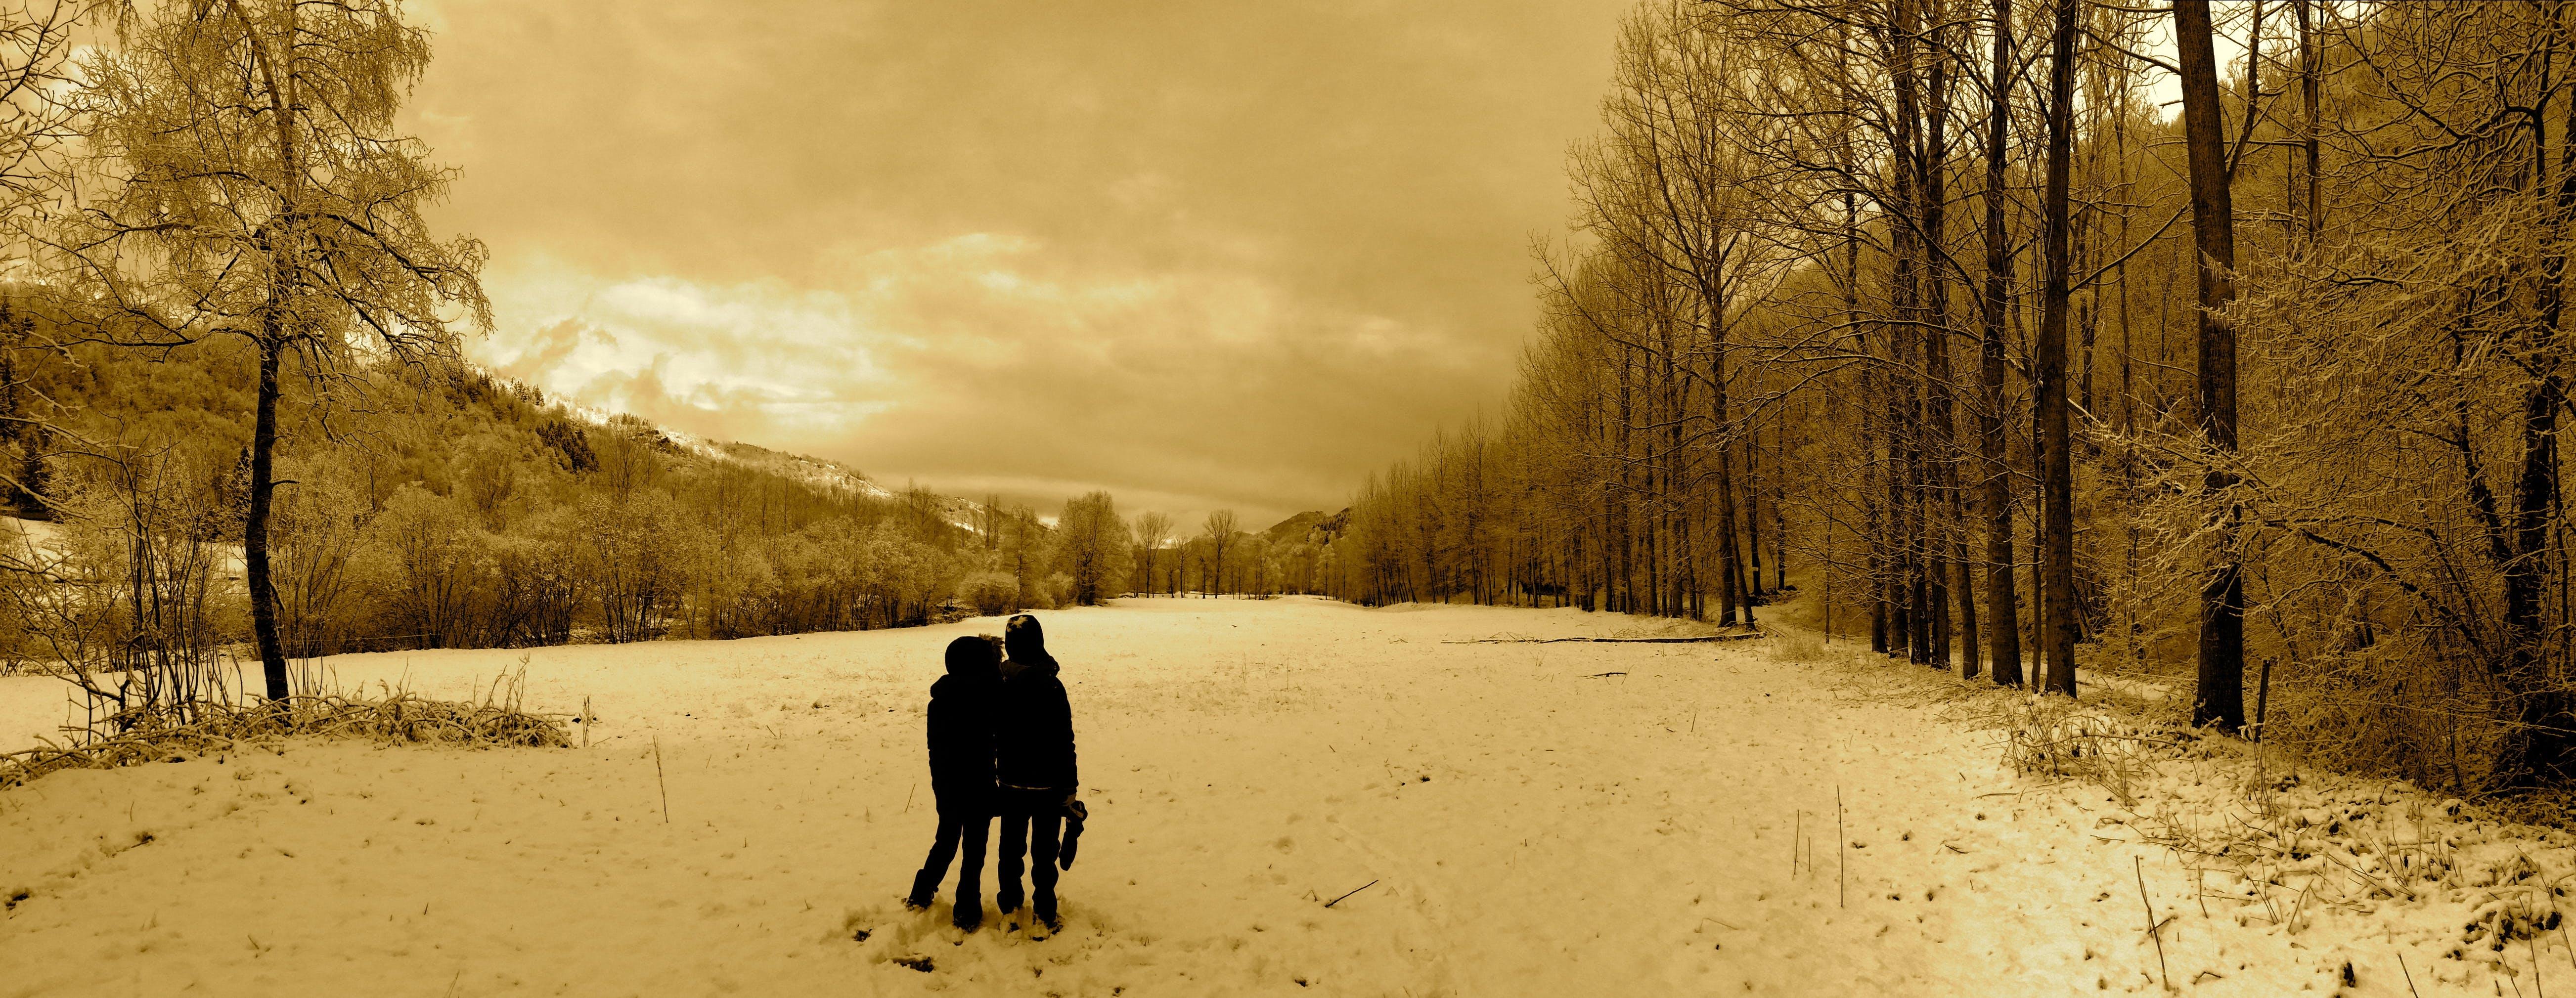 Free stock photo of nieve, paisaje